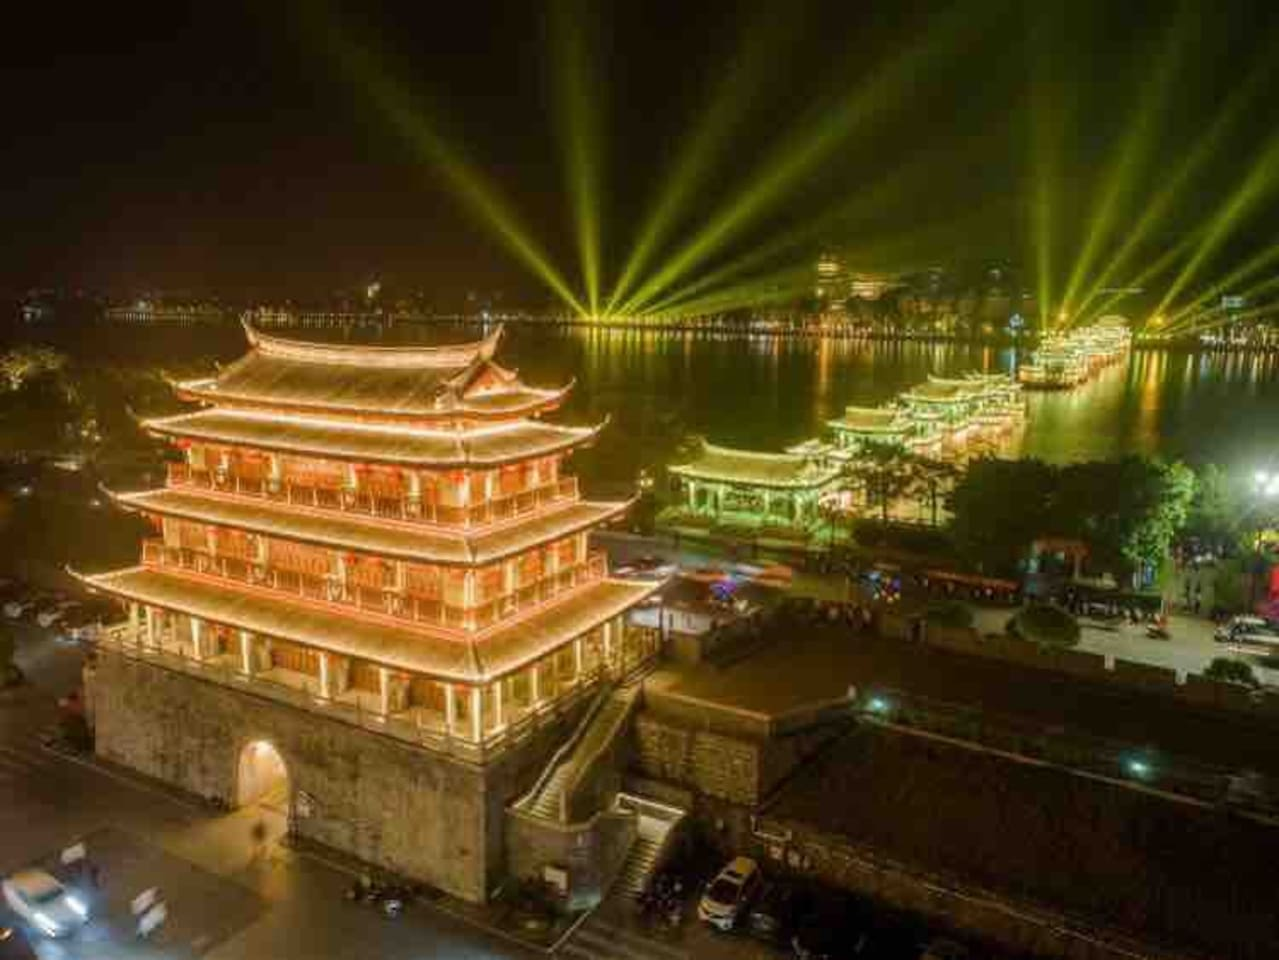 晚上东门城楼和湘子桥的灯光秀交相辉映